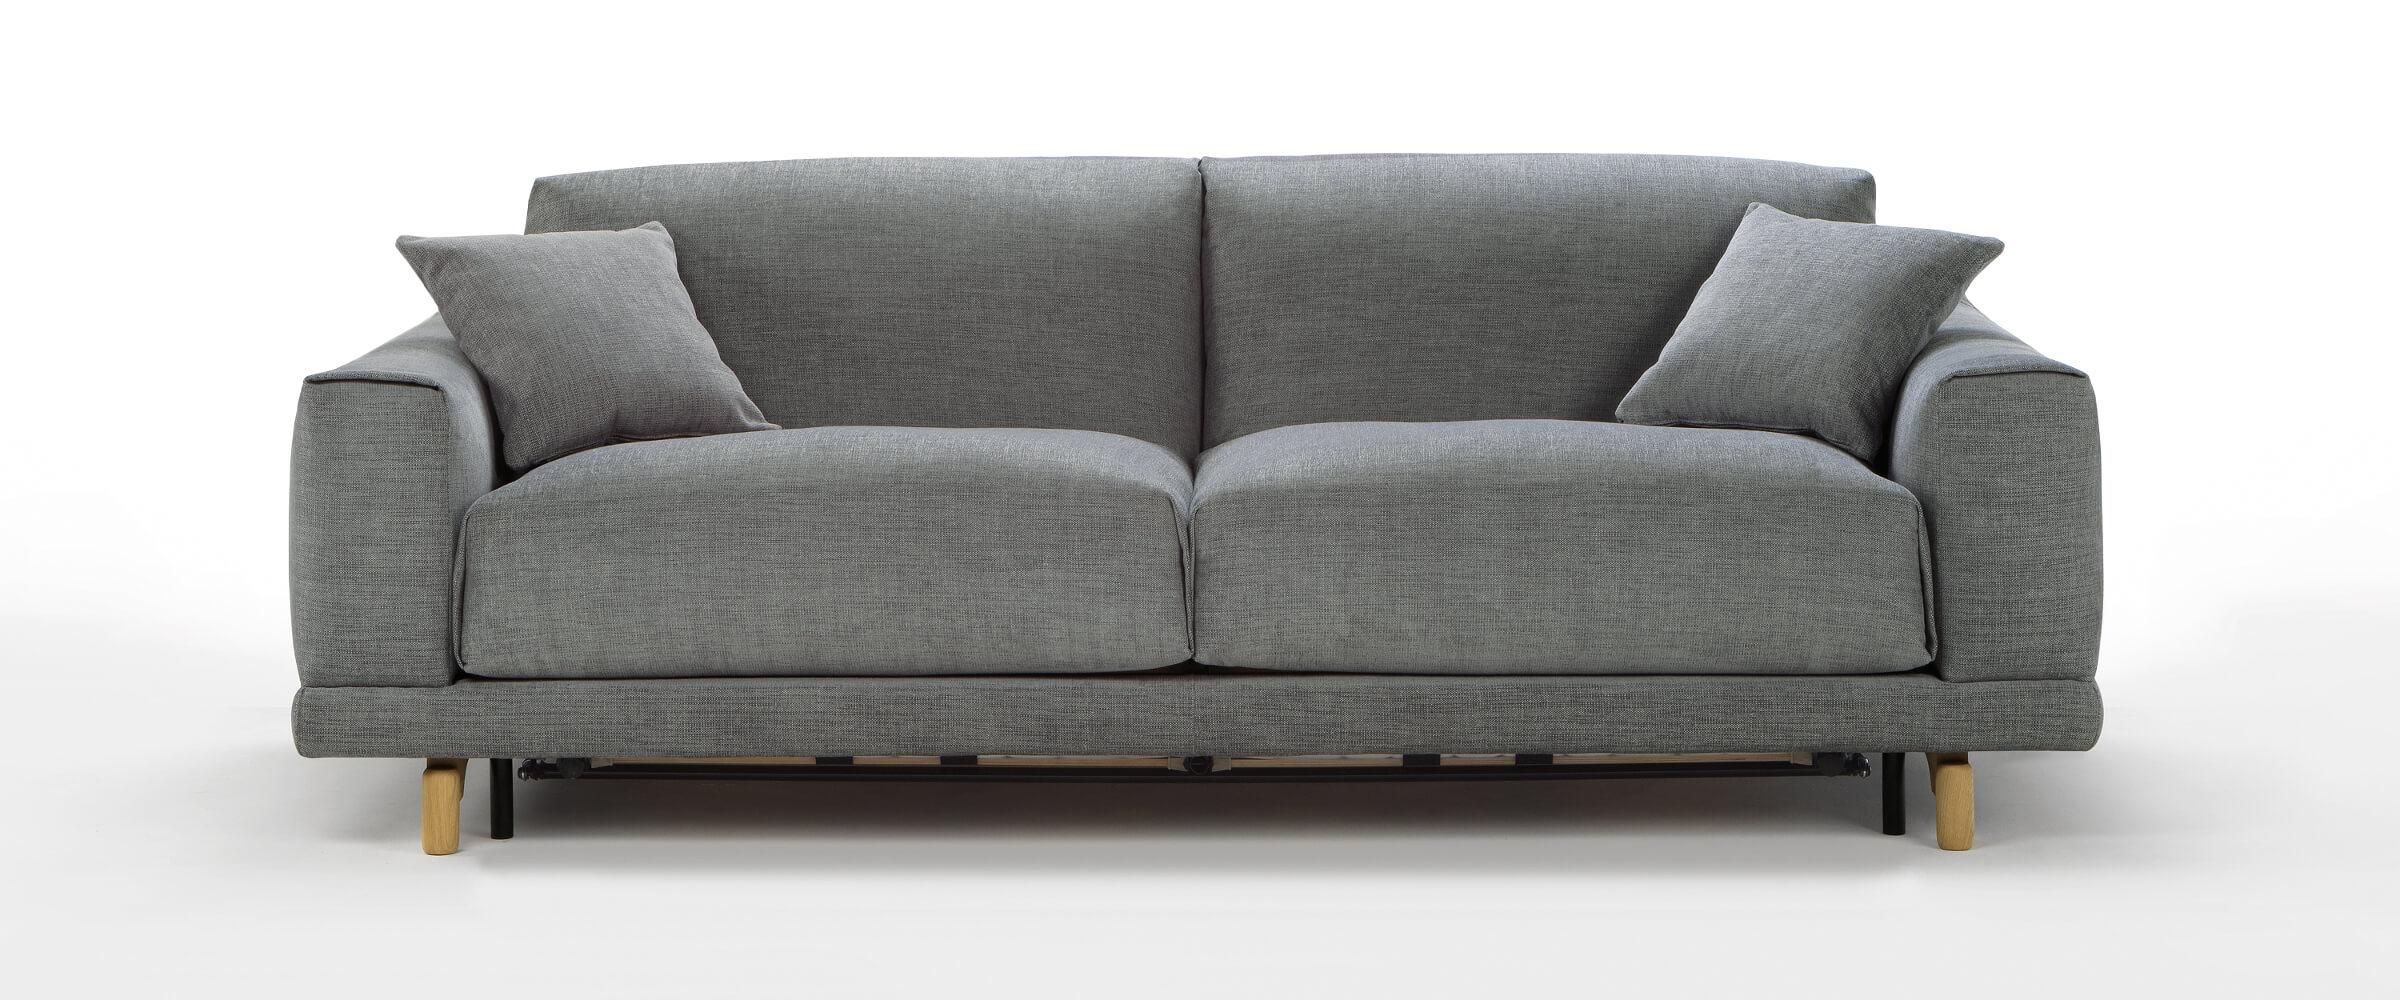 Collection Canapes Lit Sofaform Vente Et Fabrication A Milan Et